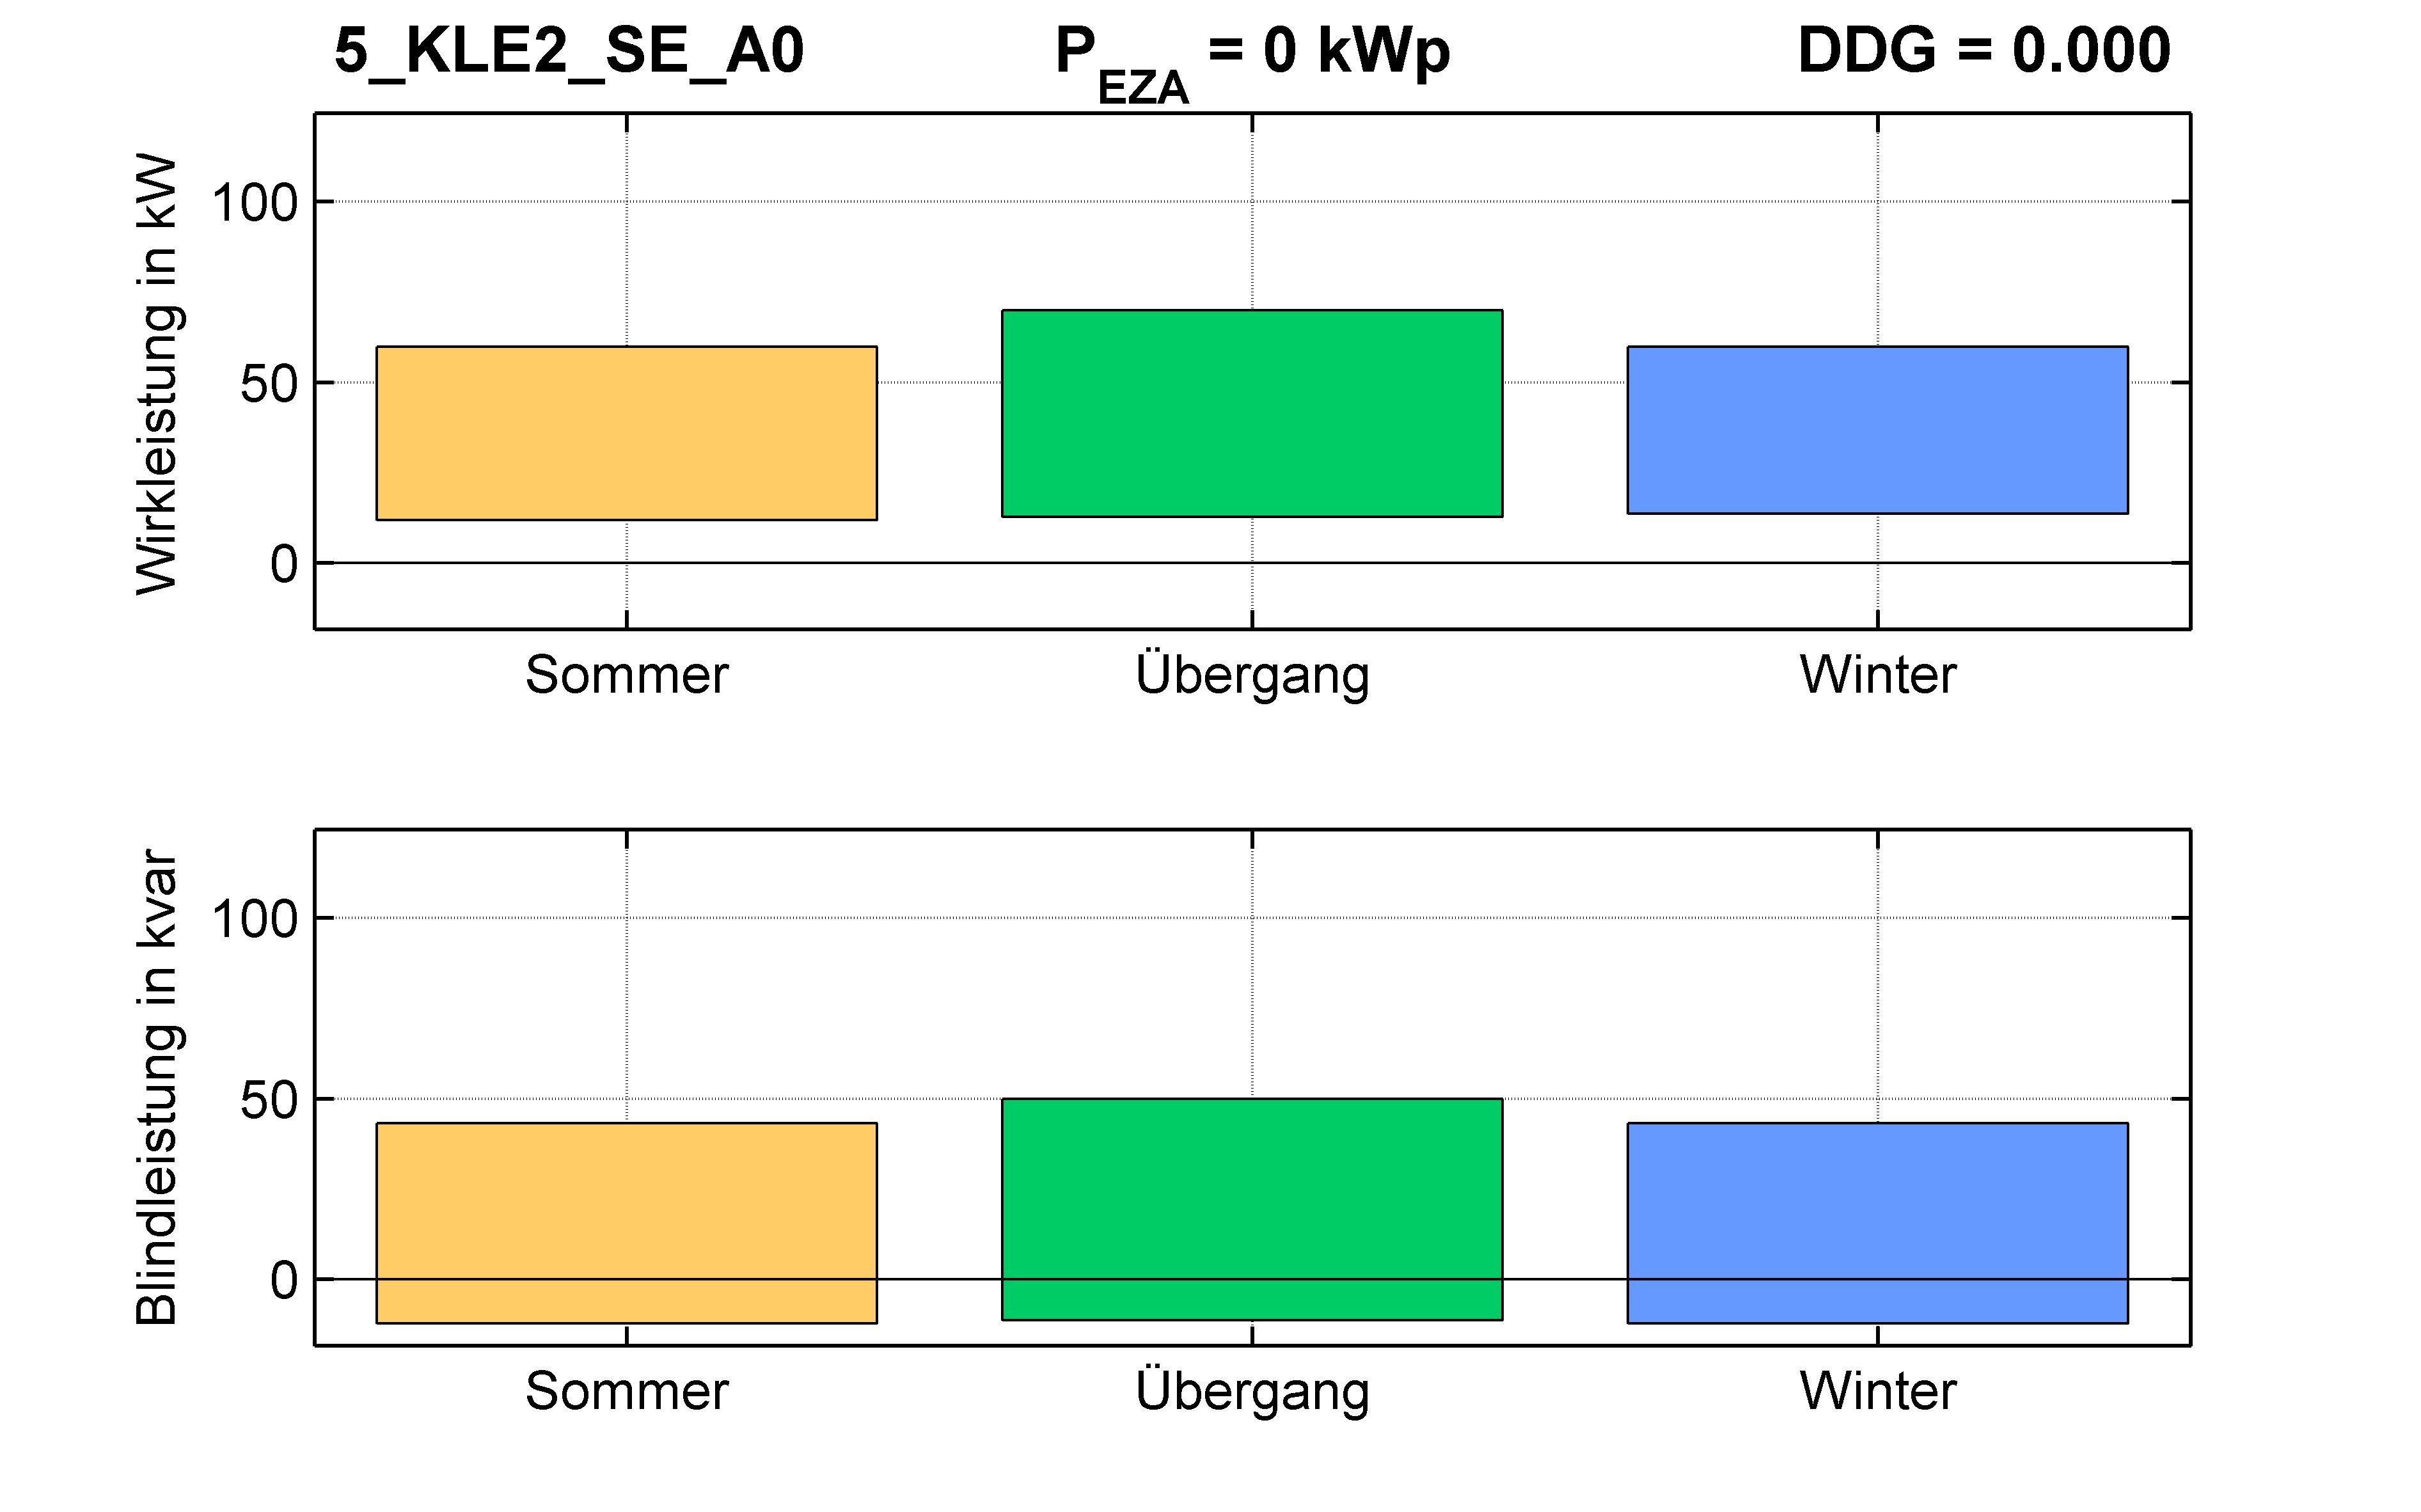 KLE2 | STATION (SE) A0 | PQ-Bilanz